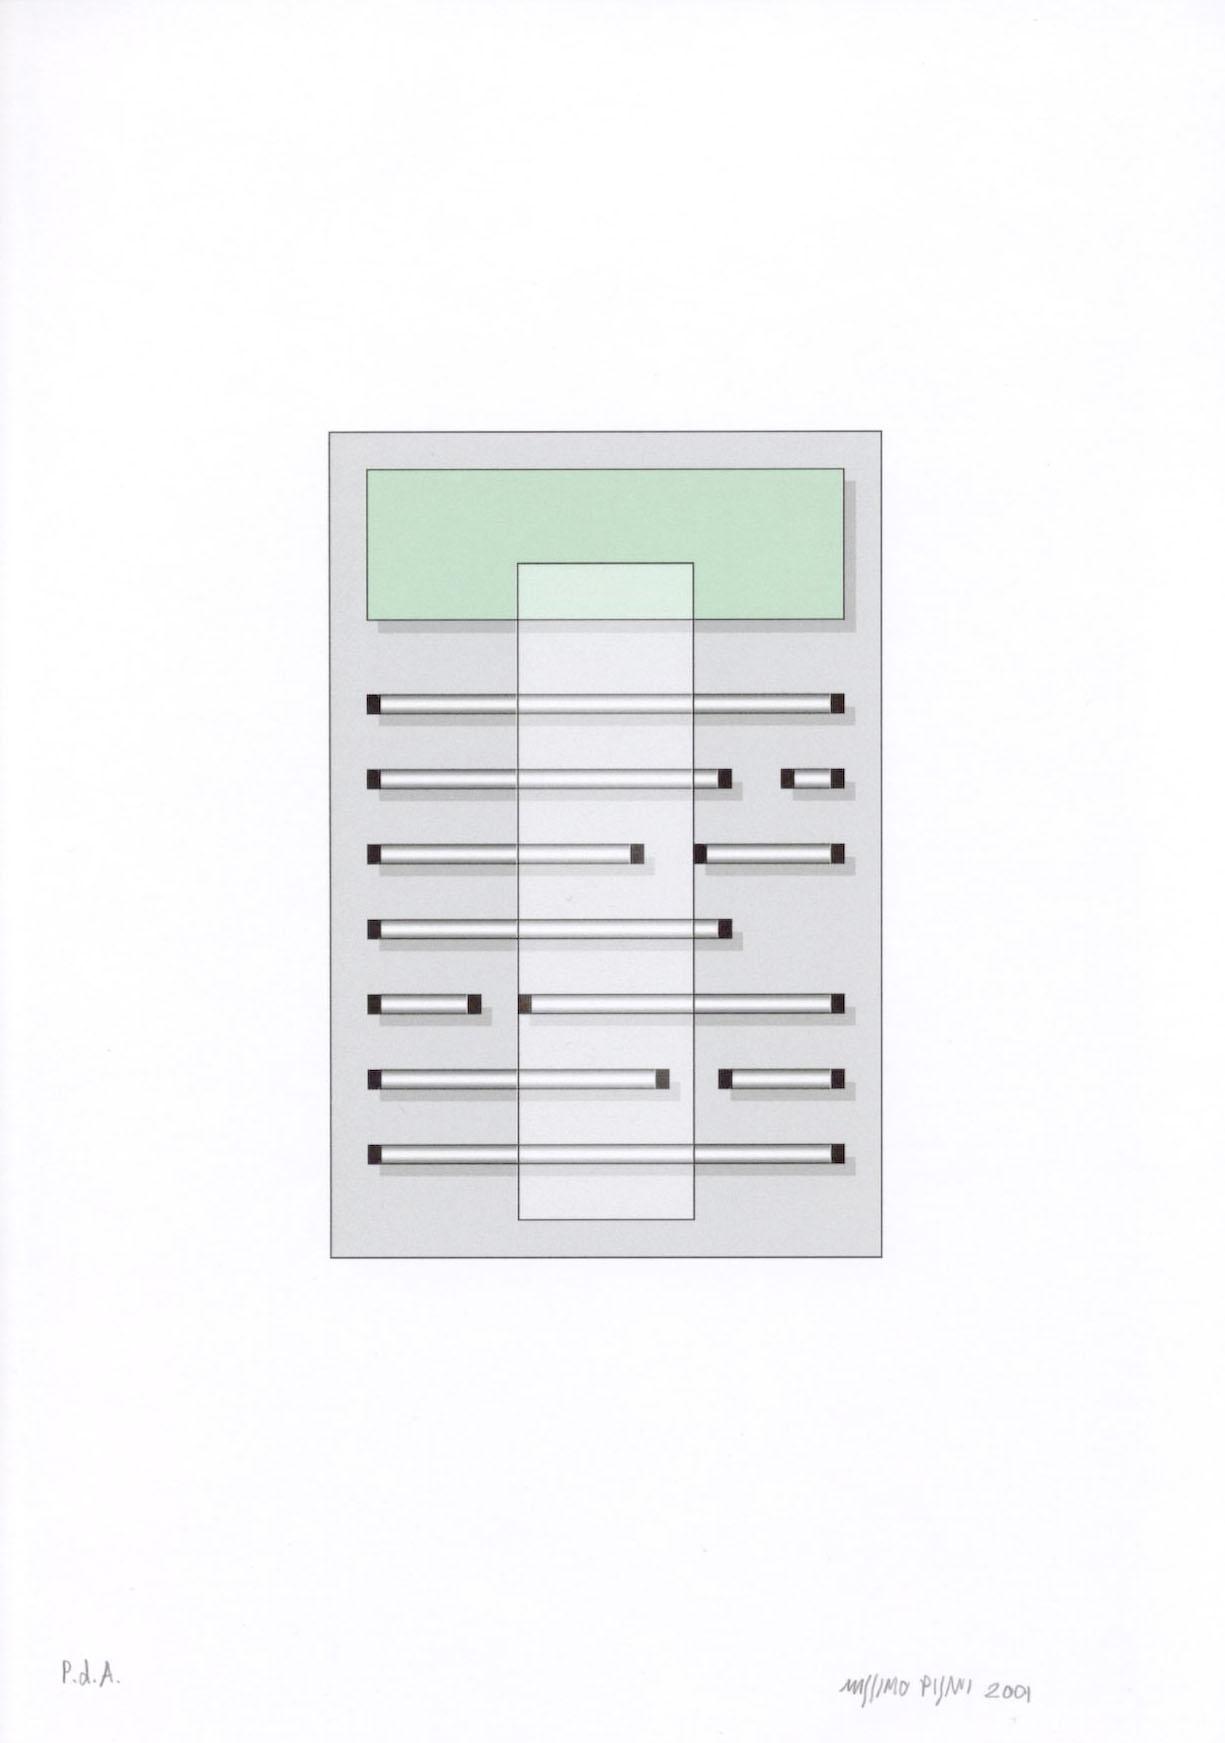 Ilustraciónes para la publicación Pulcino elefante cm.21x29,7 -2002- 29